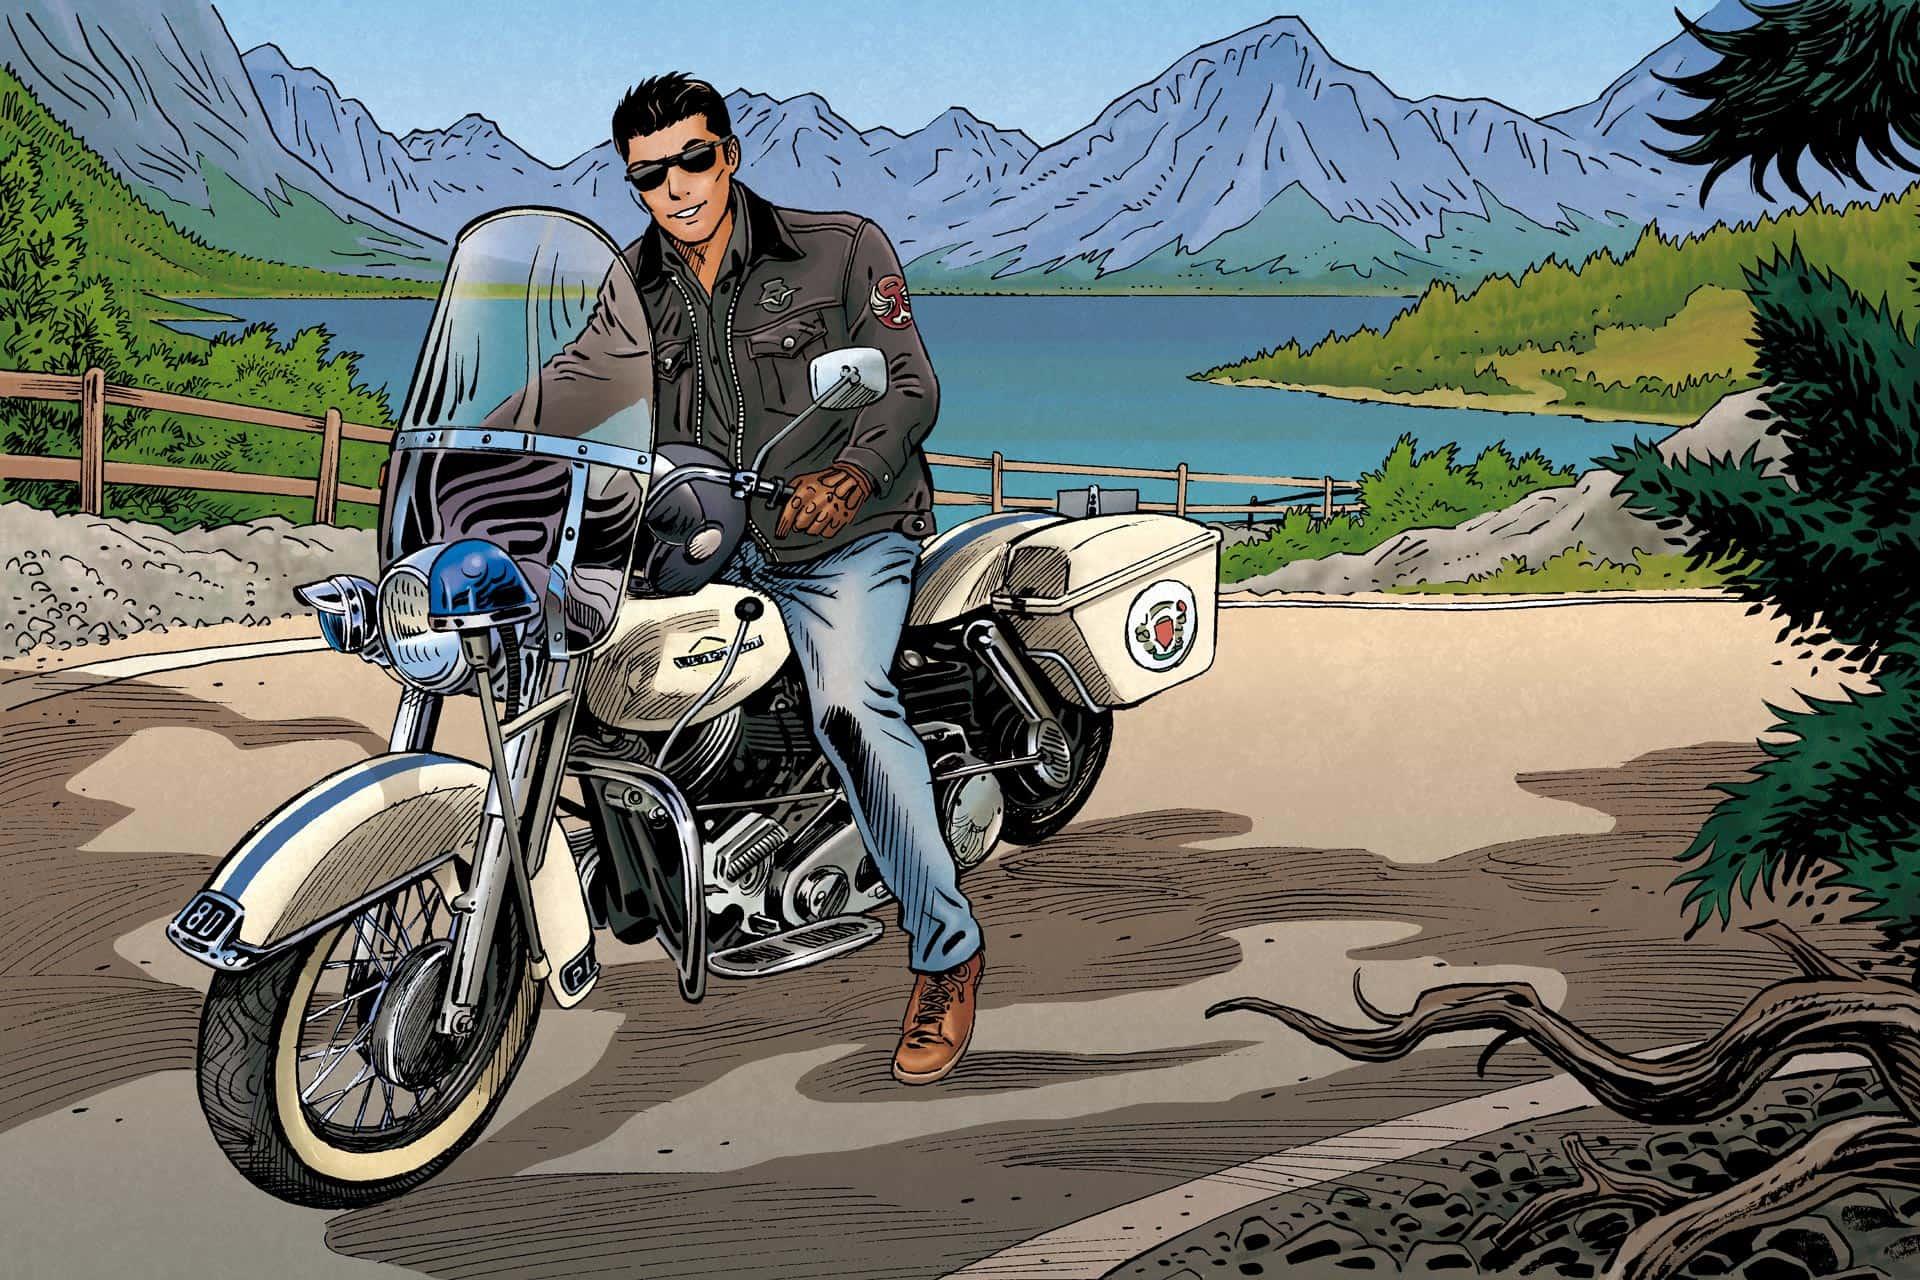 Jack V en Harley Davidson pour Vander Haeghen VDH